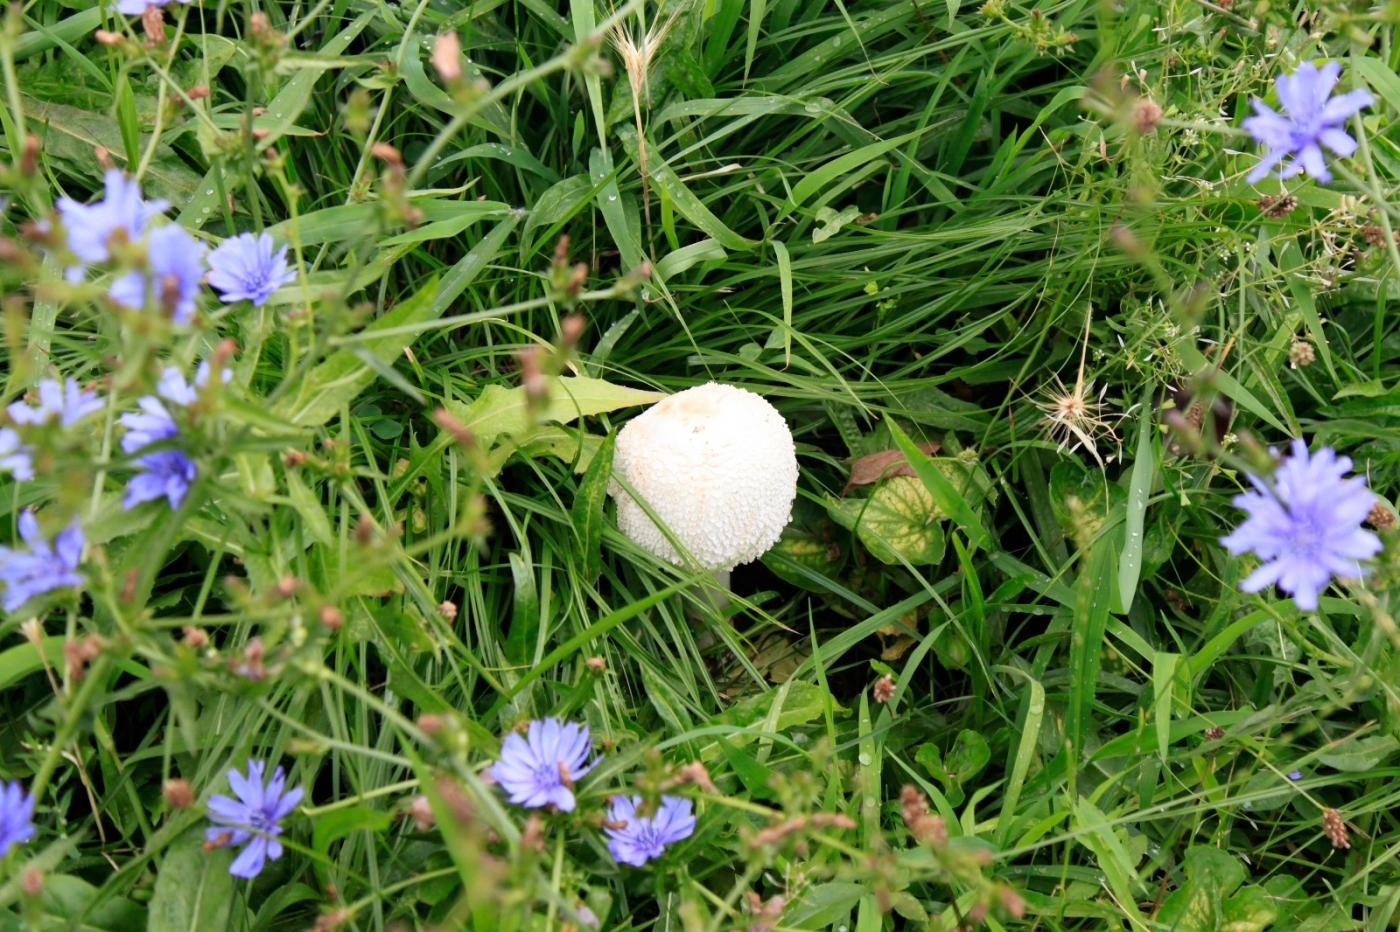 几场大雨后,法拉盛市政厅前的公园内长出了很大的野蘑菇! ..._图1-6